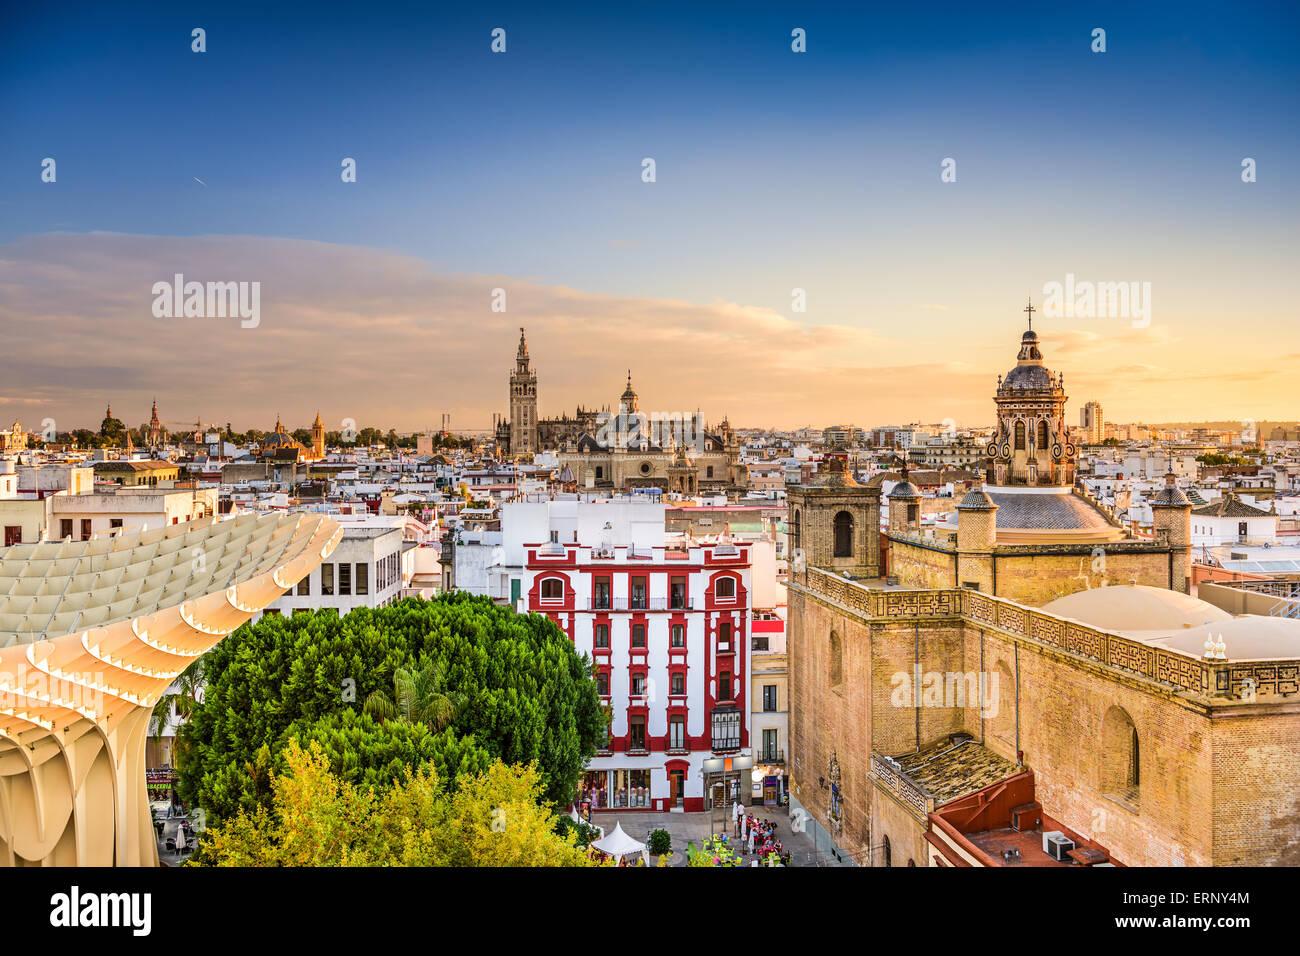 Séville, Espagne vieux quartier skyline at Dusk. Photo Stock